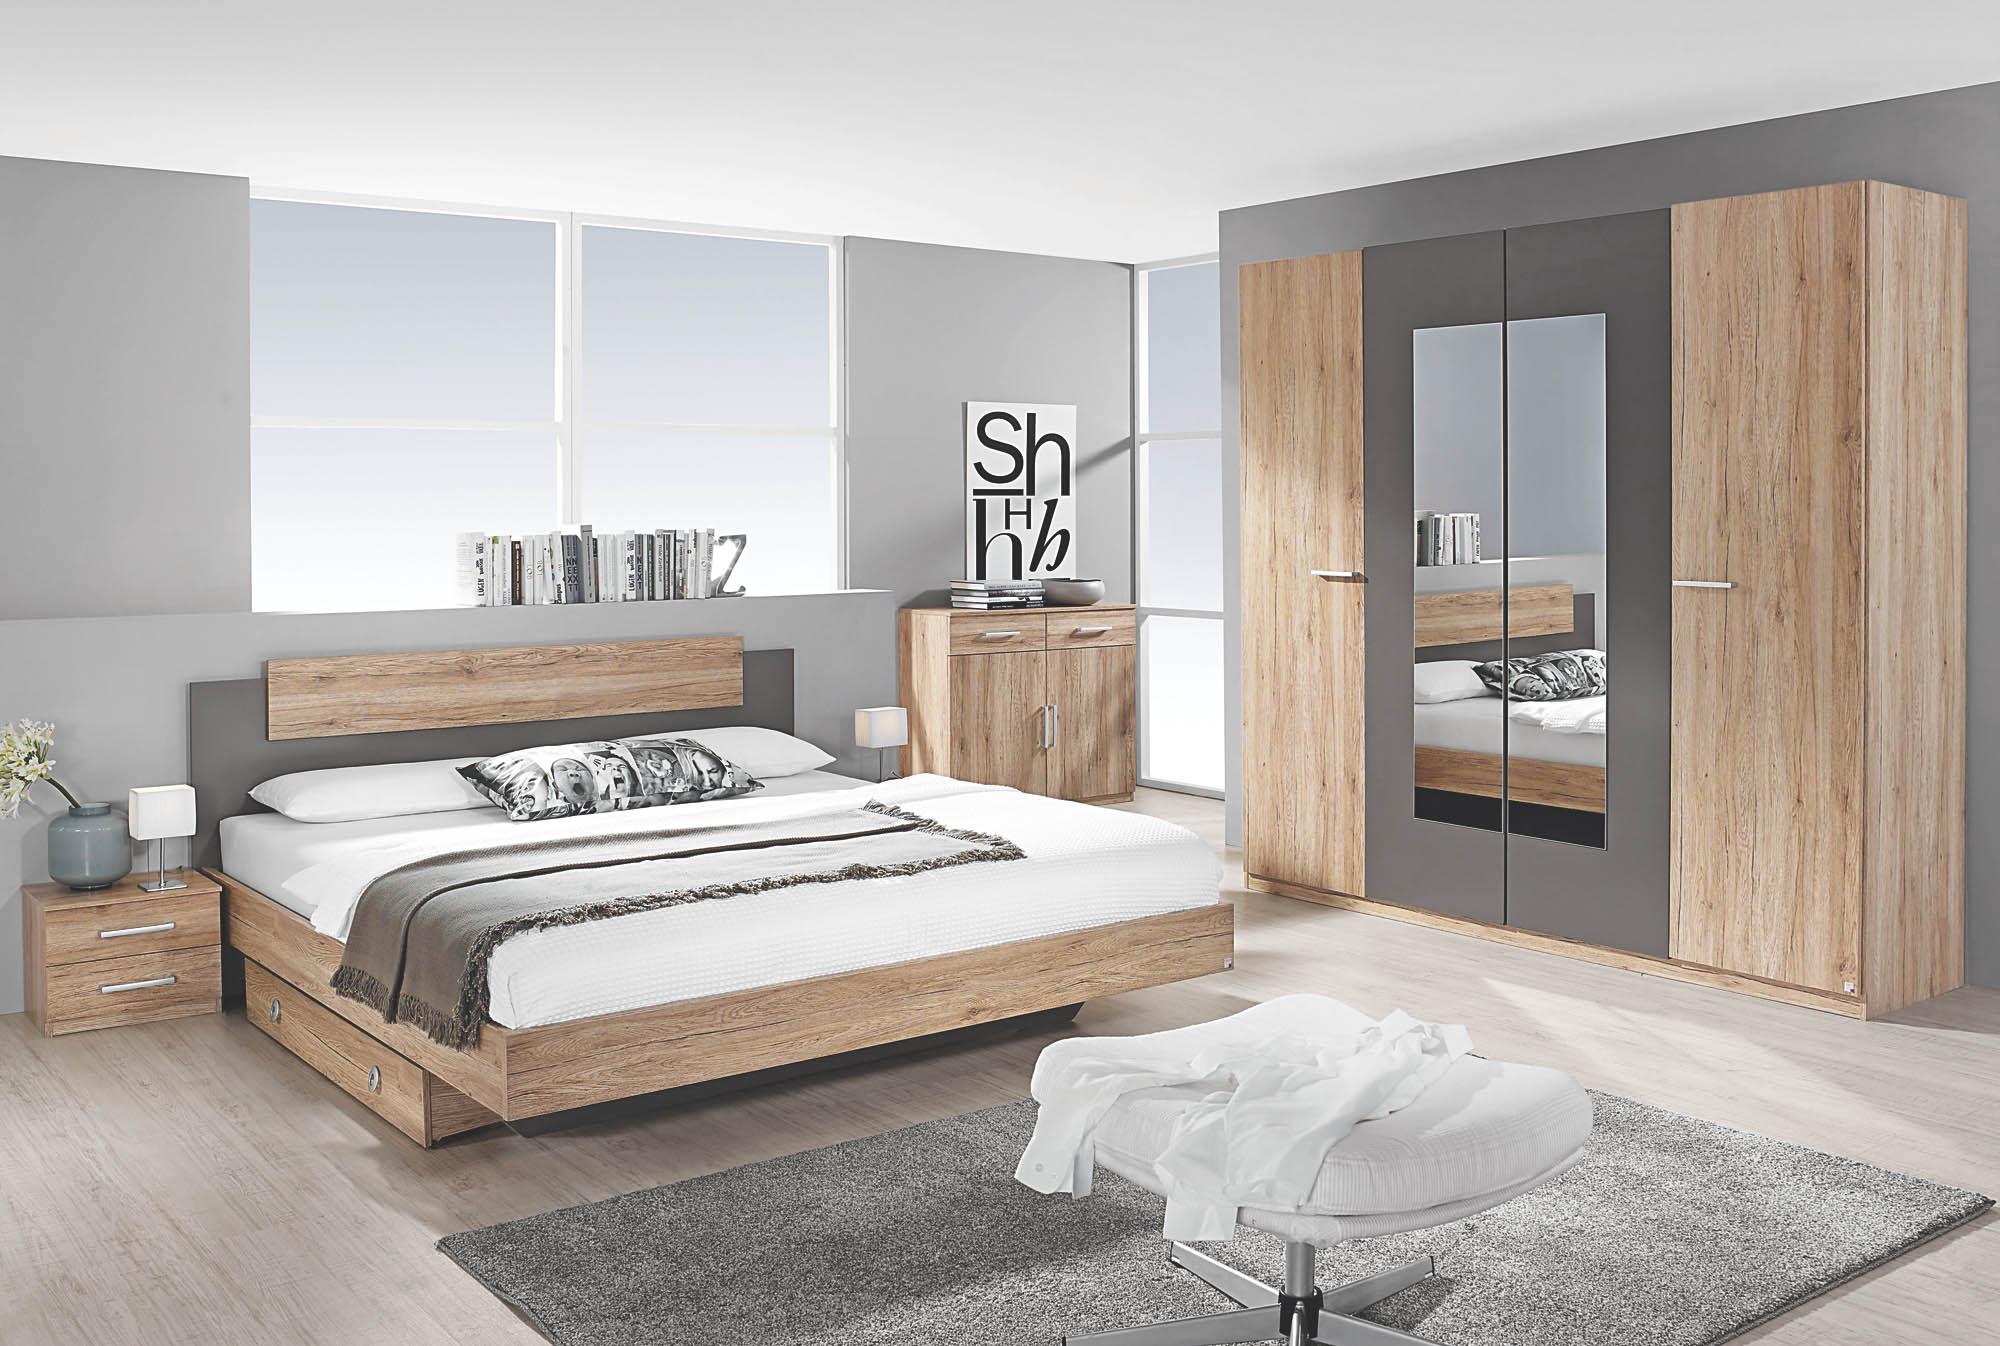 Schlafzimmer 11-tlg Borba von Rauch Packs mit 11x11 Bett alpinweiß / grau